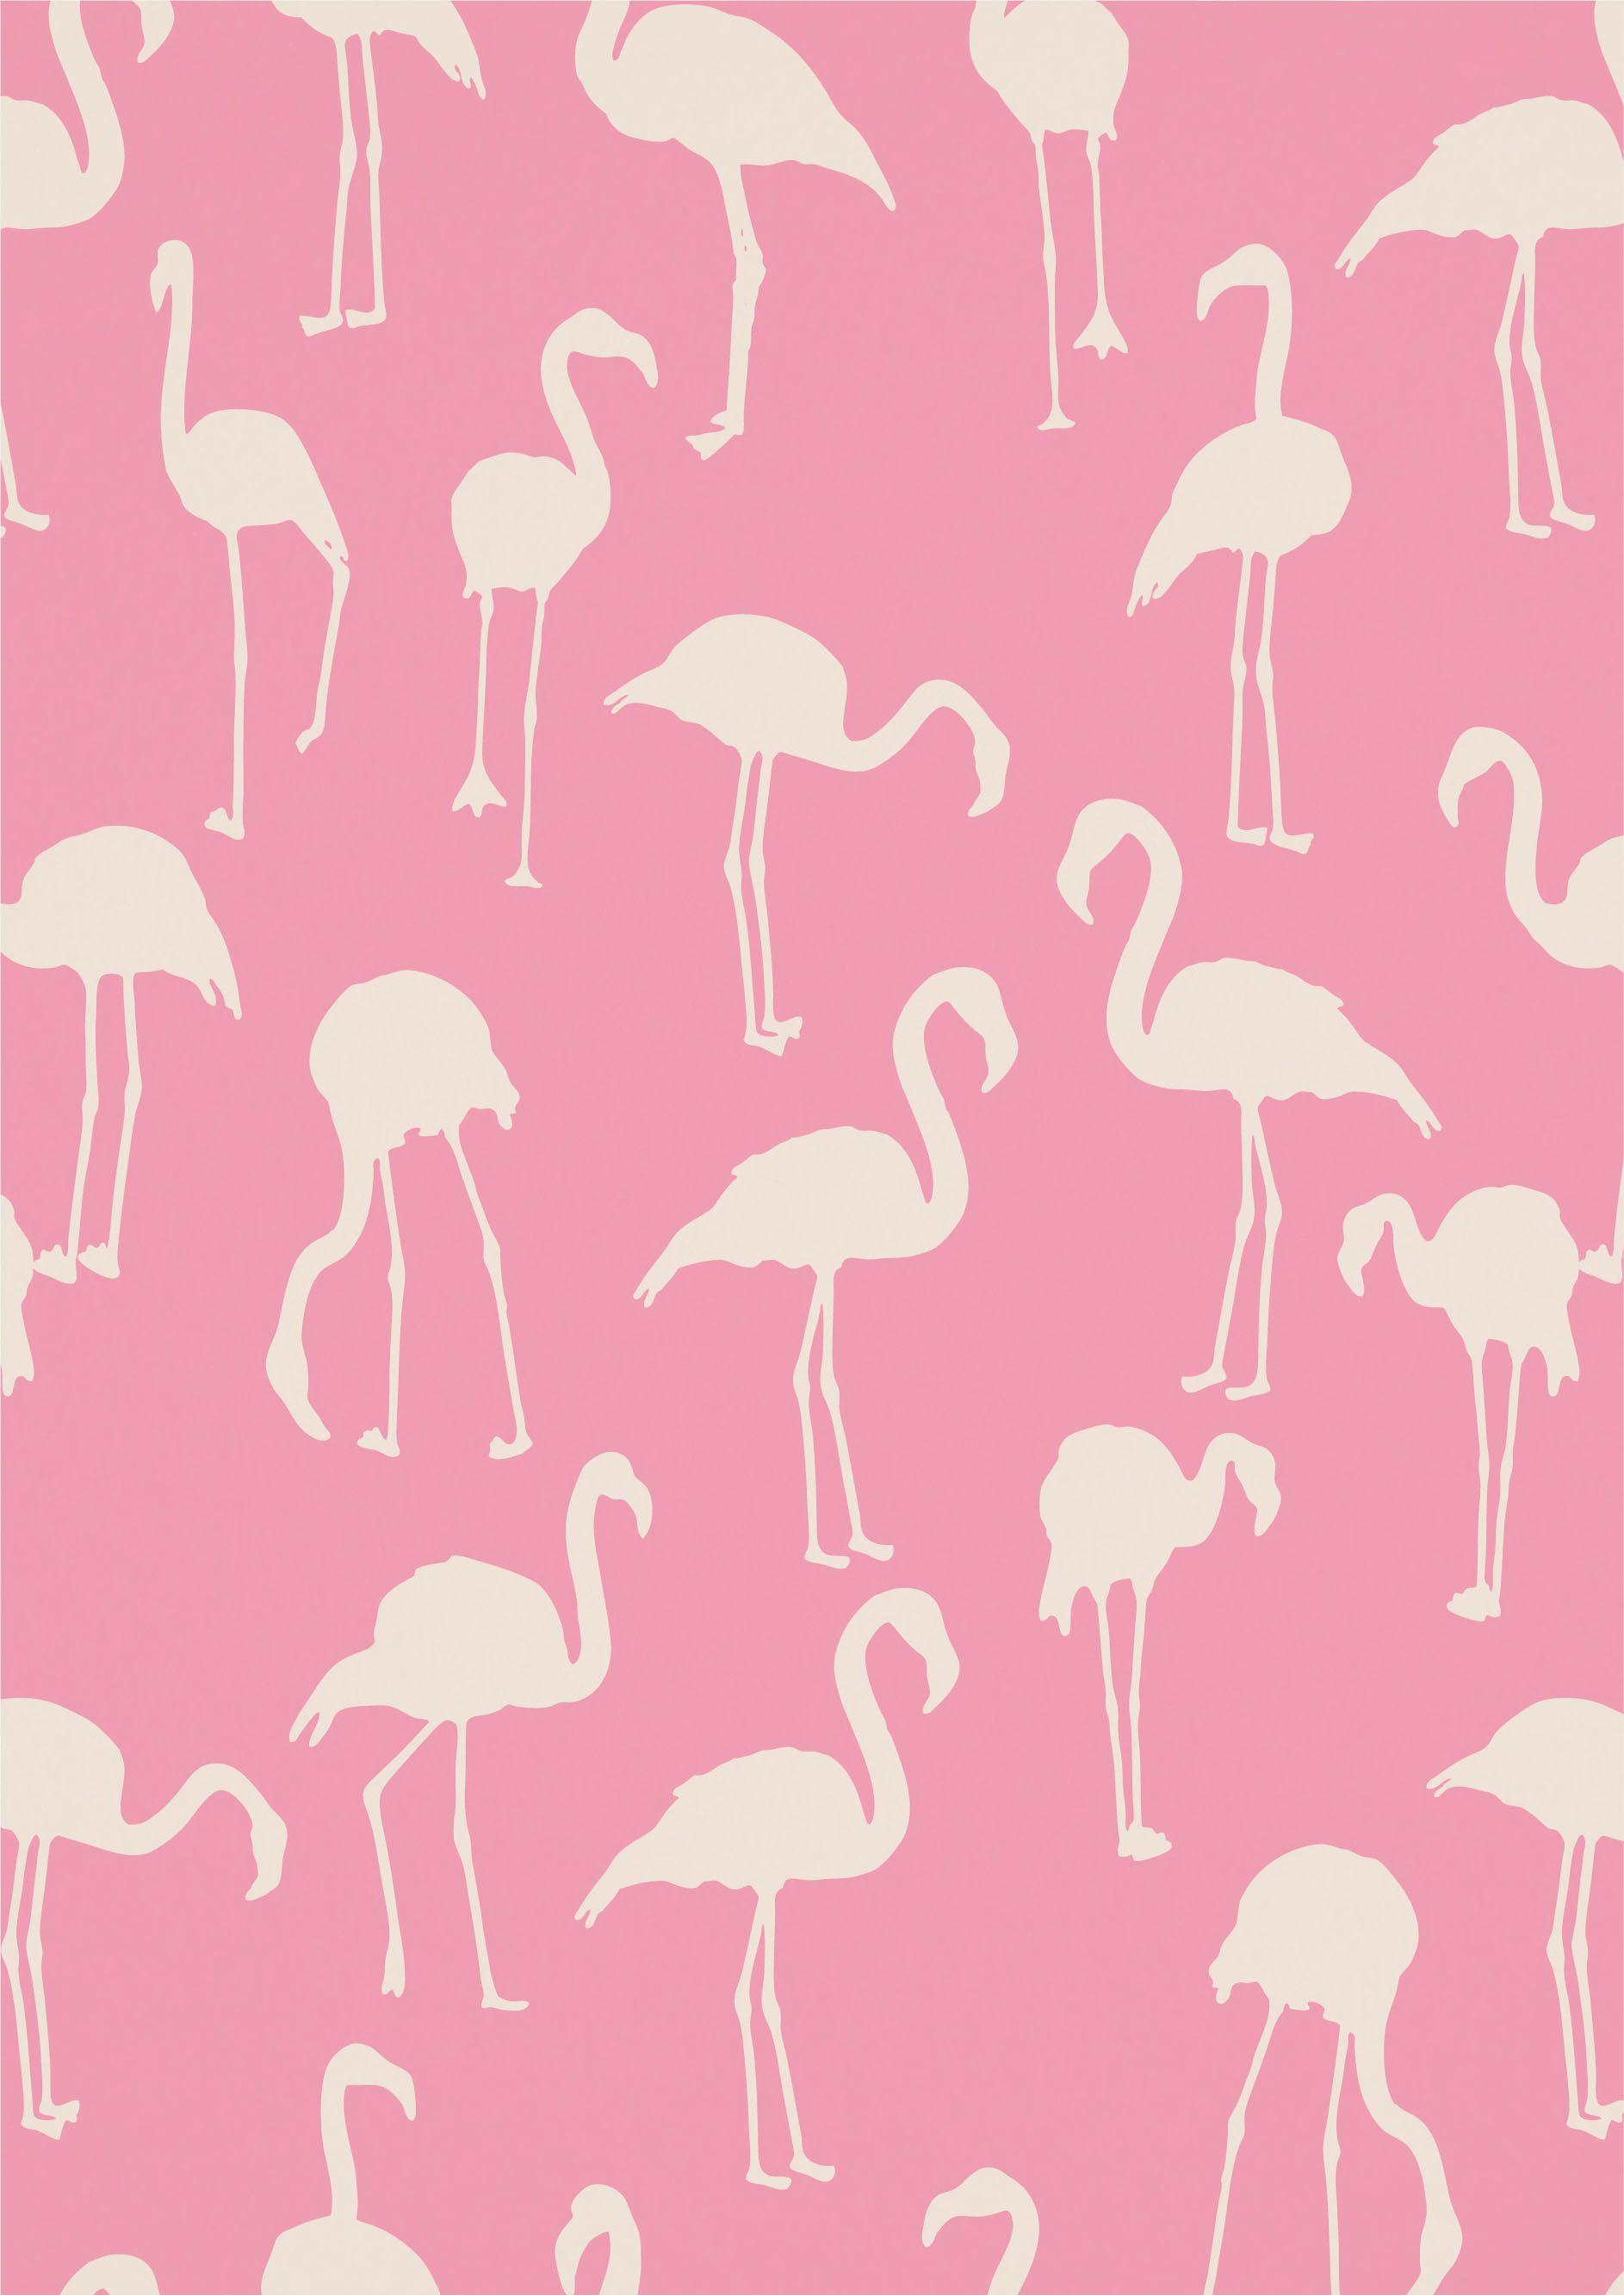 Flamingo Pattern Google Search